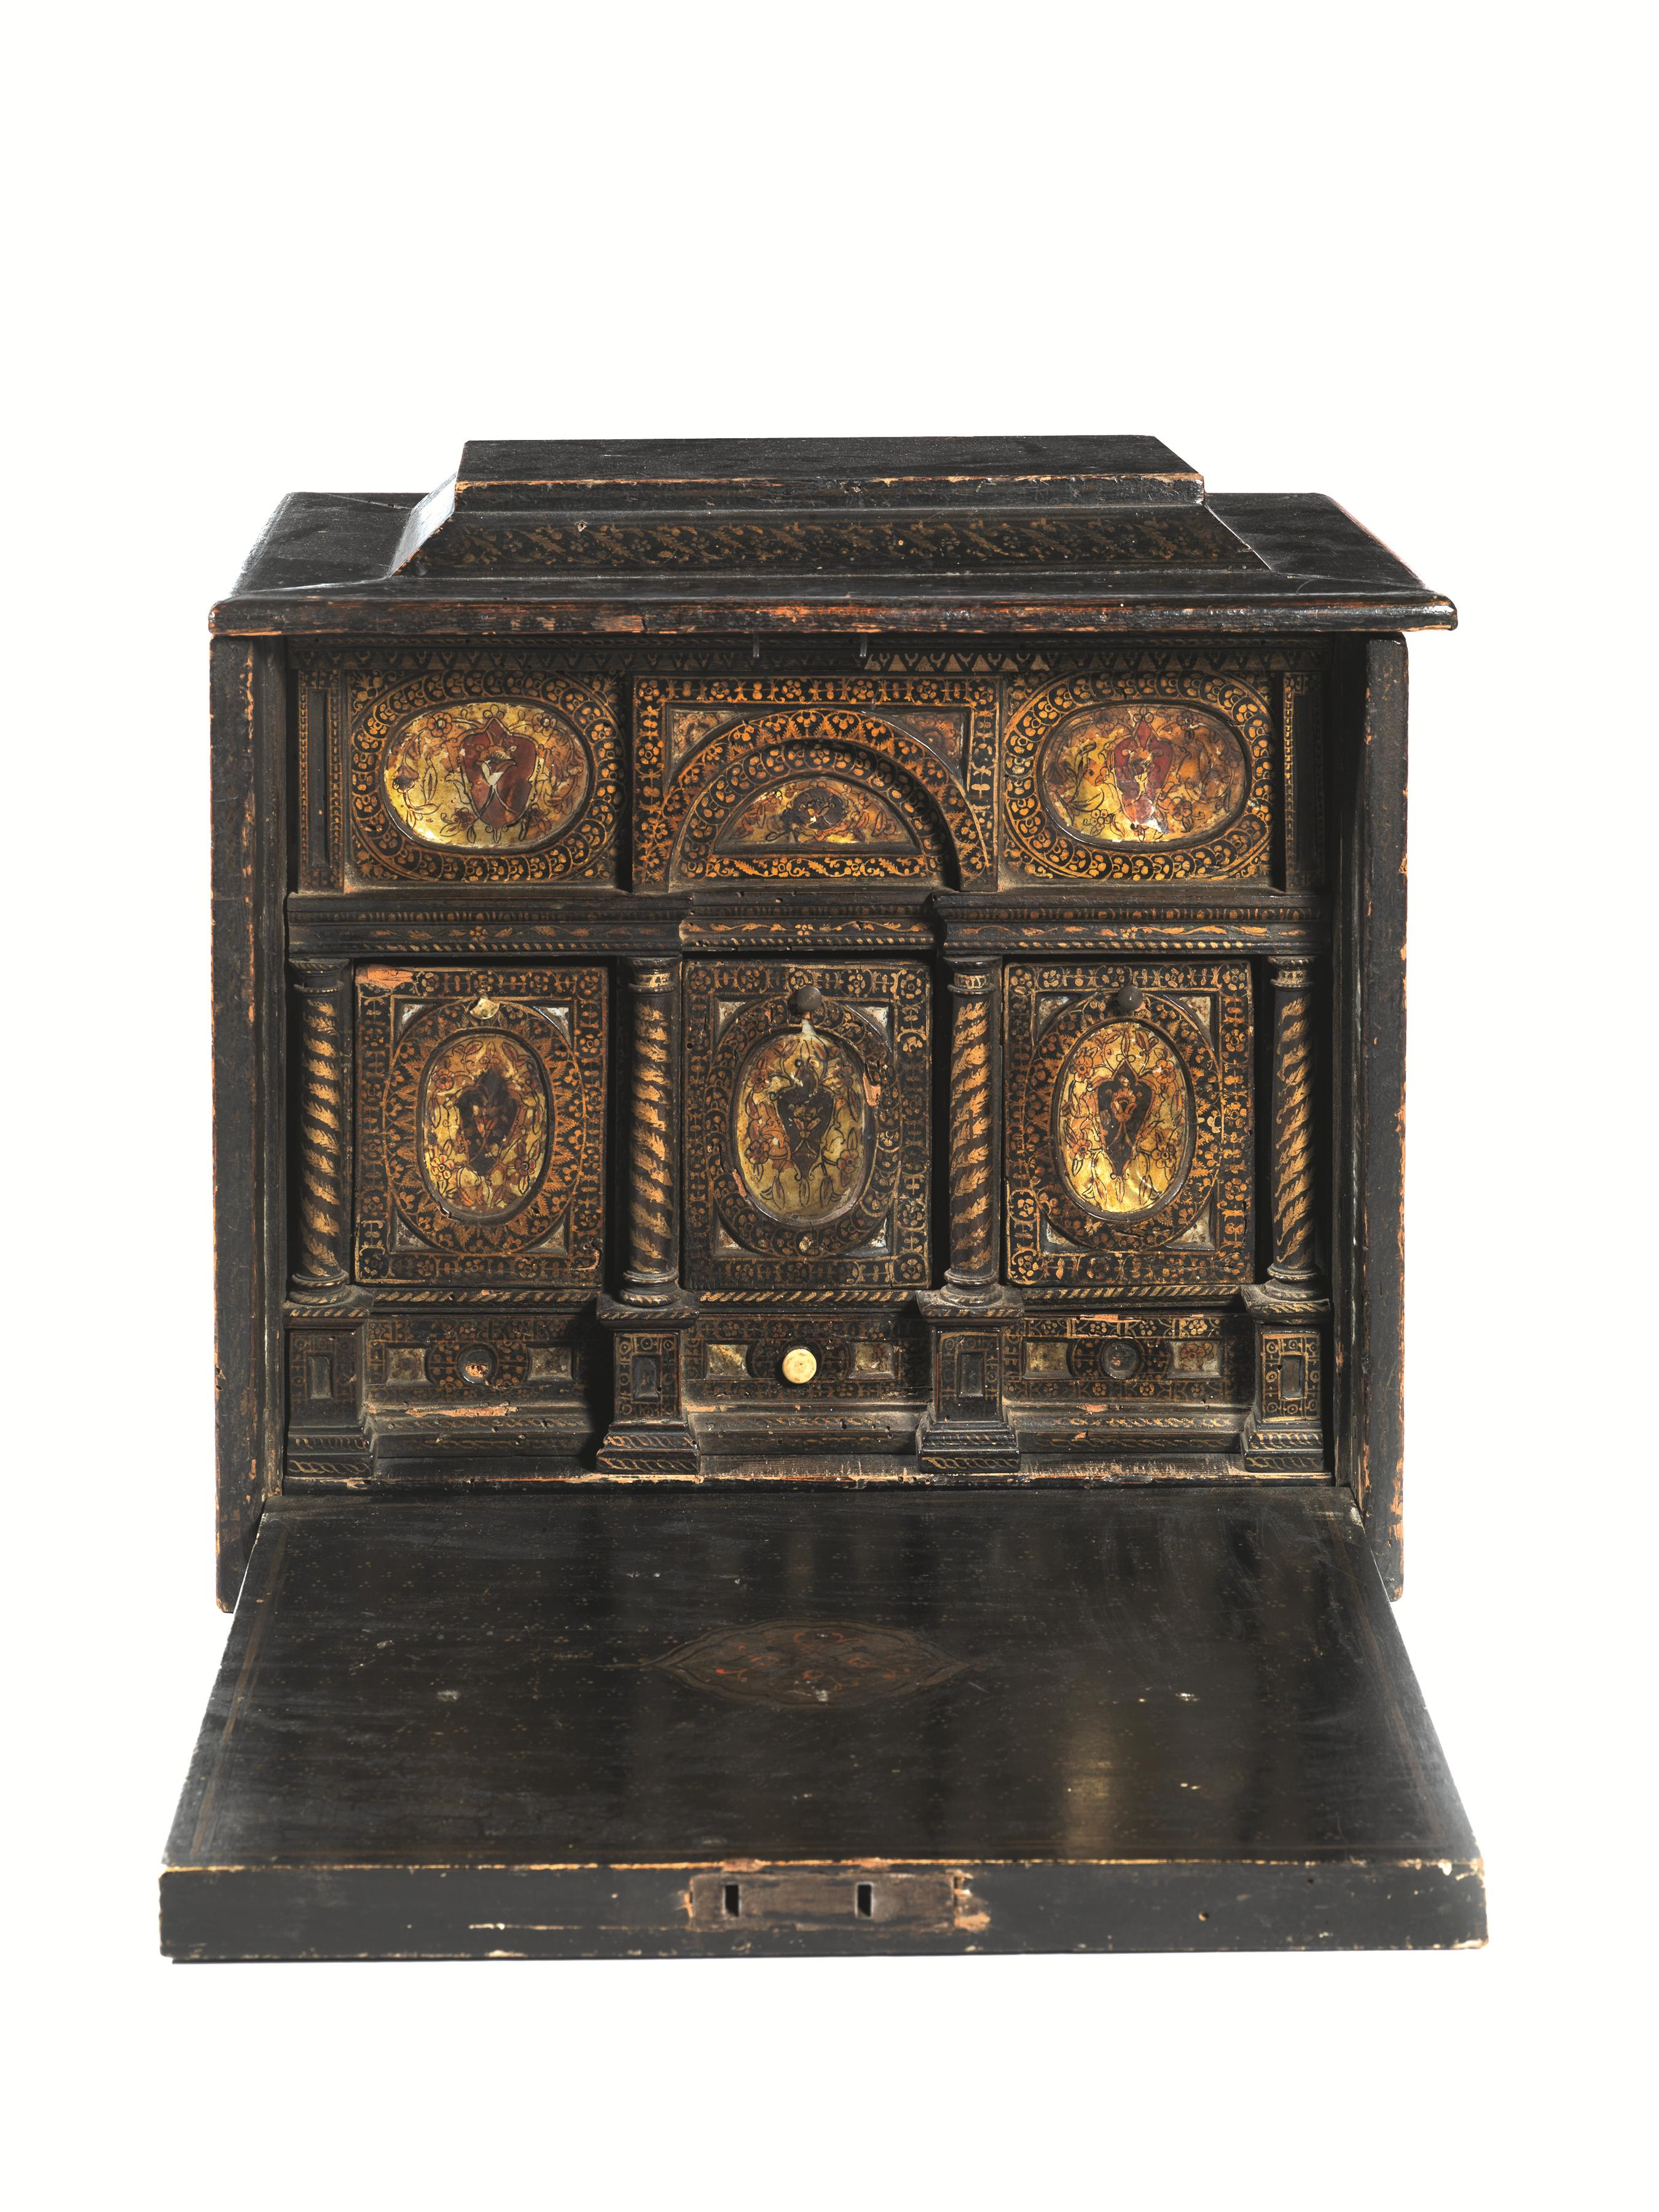 Lot 44 - PICCOLO MONETIERE, VENEZIA, SECOLO XVI in legno ebanizzato, intagliato e lumeggiato in oro; parte